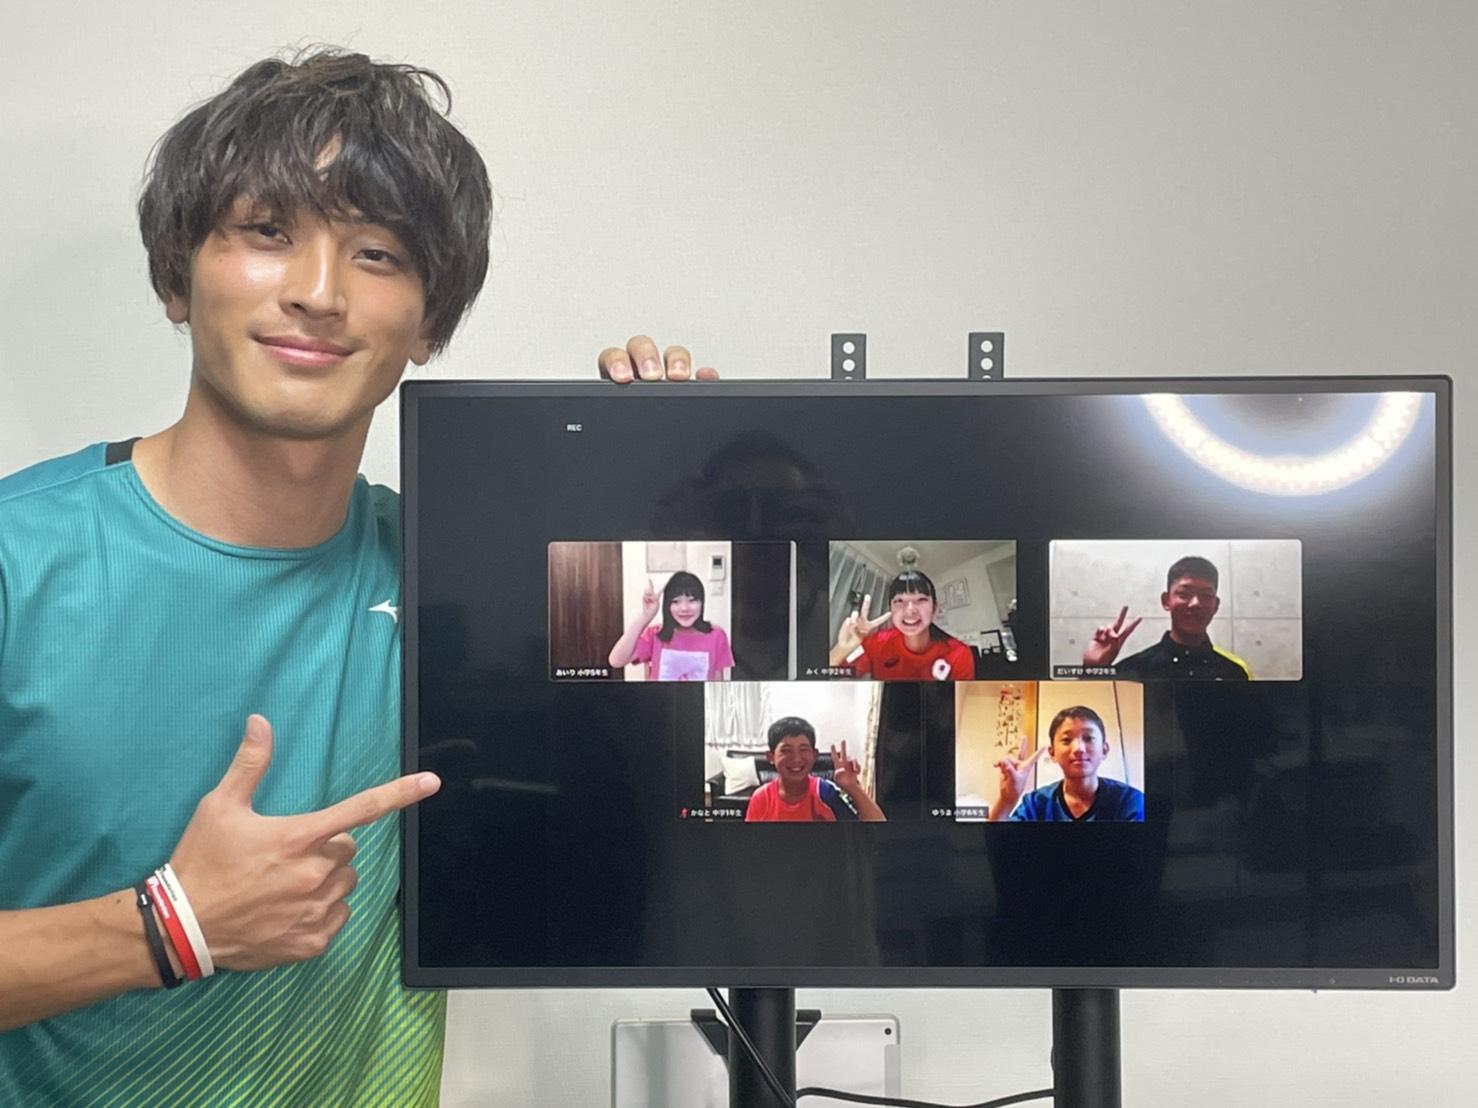 走幅跳・橋岡優輝が初のオンライン教室 ファンと交流に「応援があってこそ」来季は海外転戦を視野